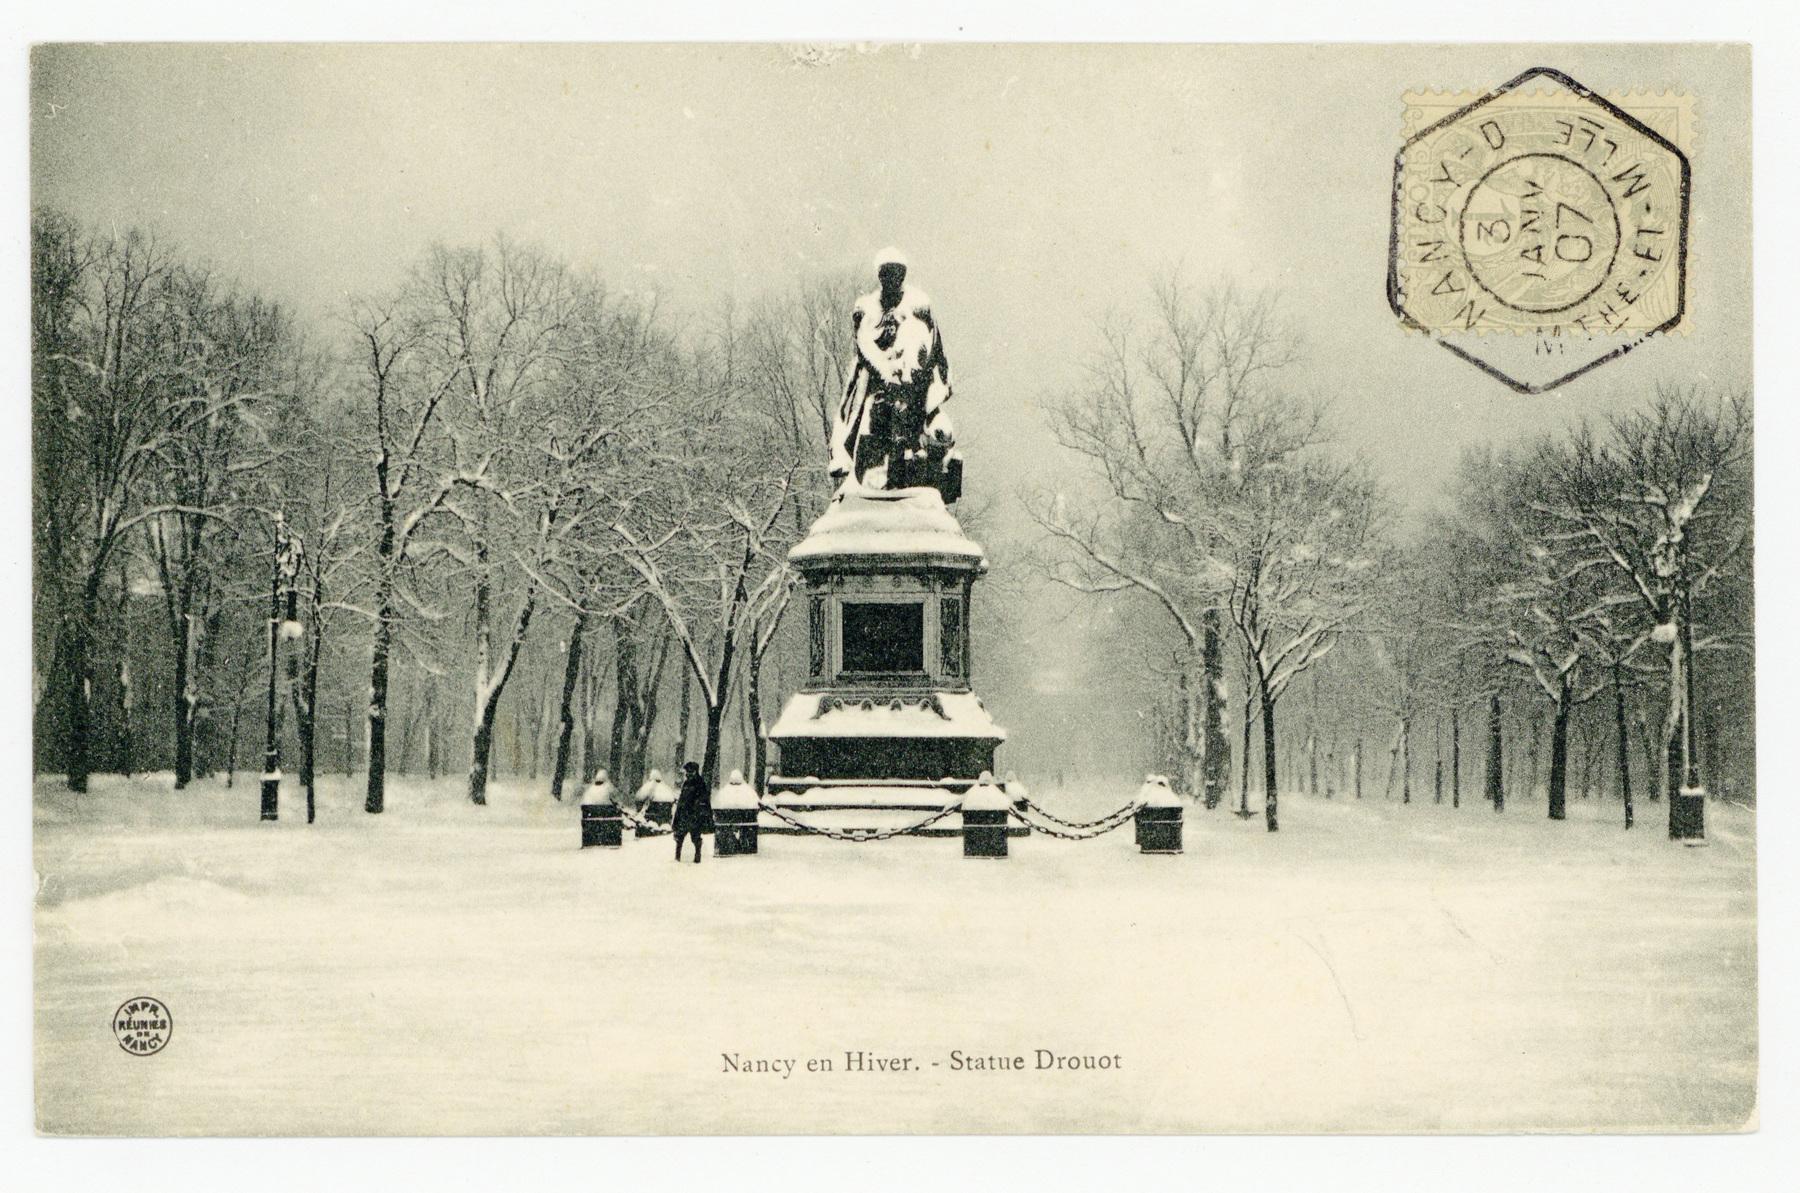 Contenu du Nancy en Hiver : statue Drouot